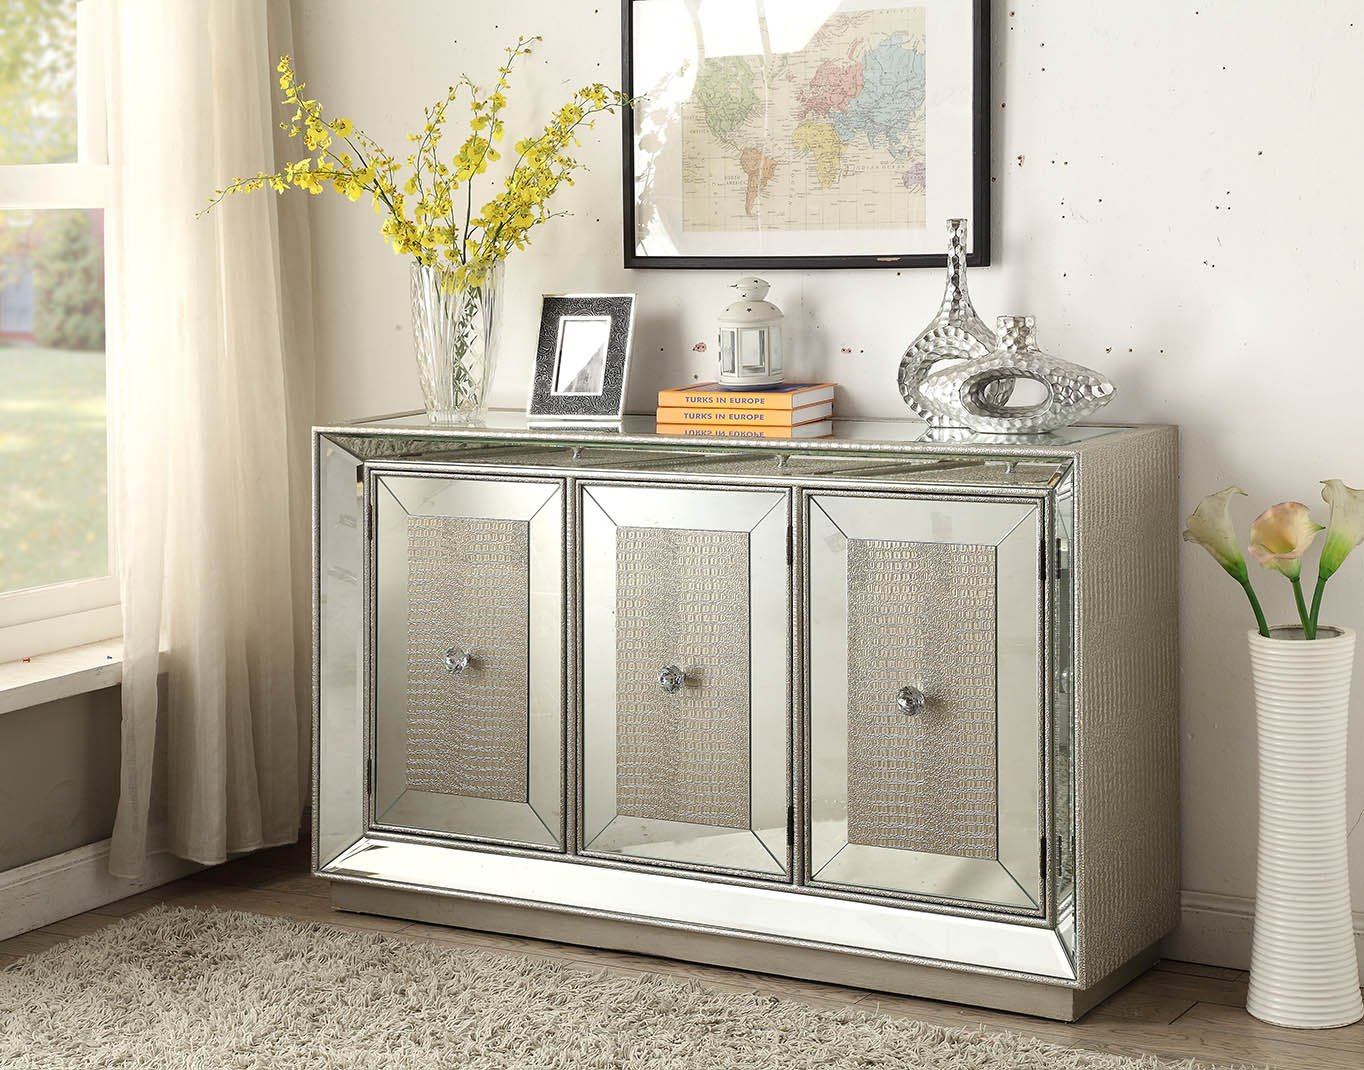 derrys Sofia Mock Croc und Spiegel Paneelen Sideboard, Holz, Silber